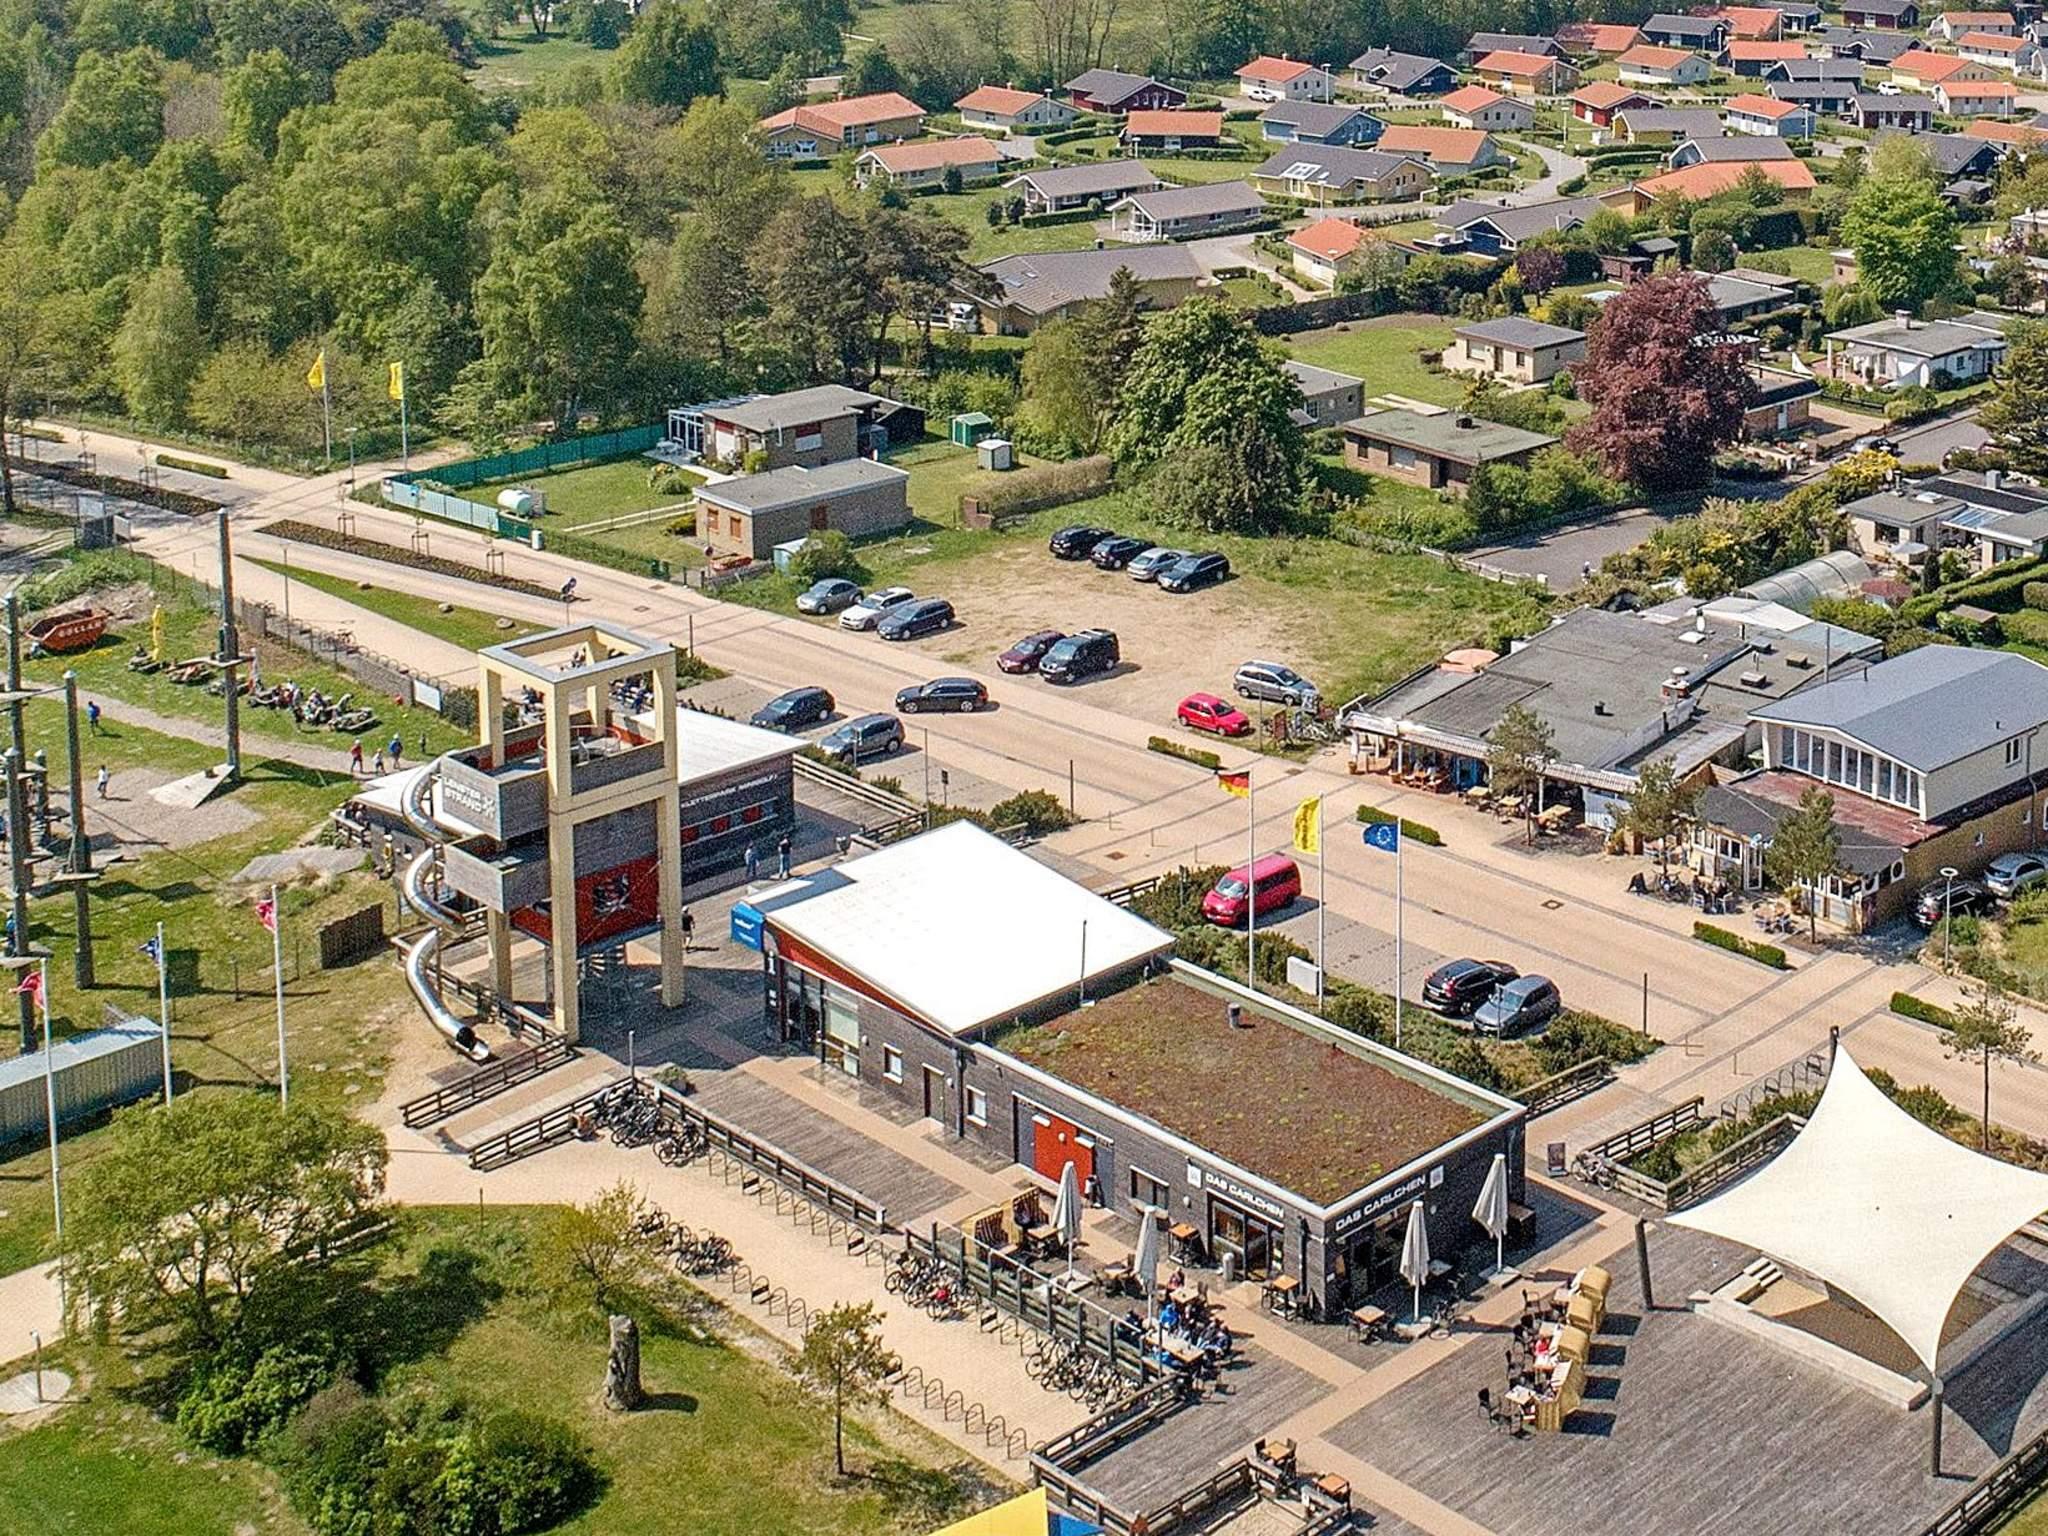 Maison de vacances Grömitz (455123), Grömitz, Baie de Lübeck, Schleswig-Holstein, Allemagne, image 17